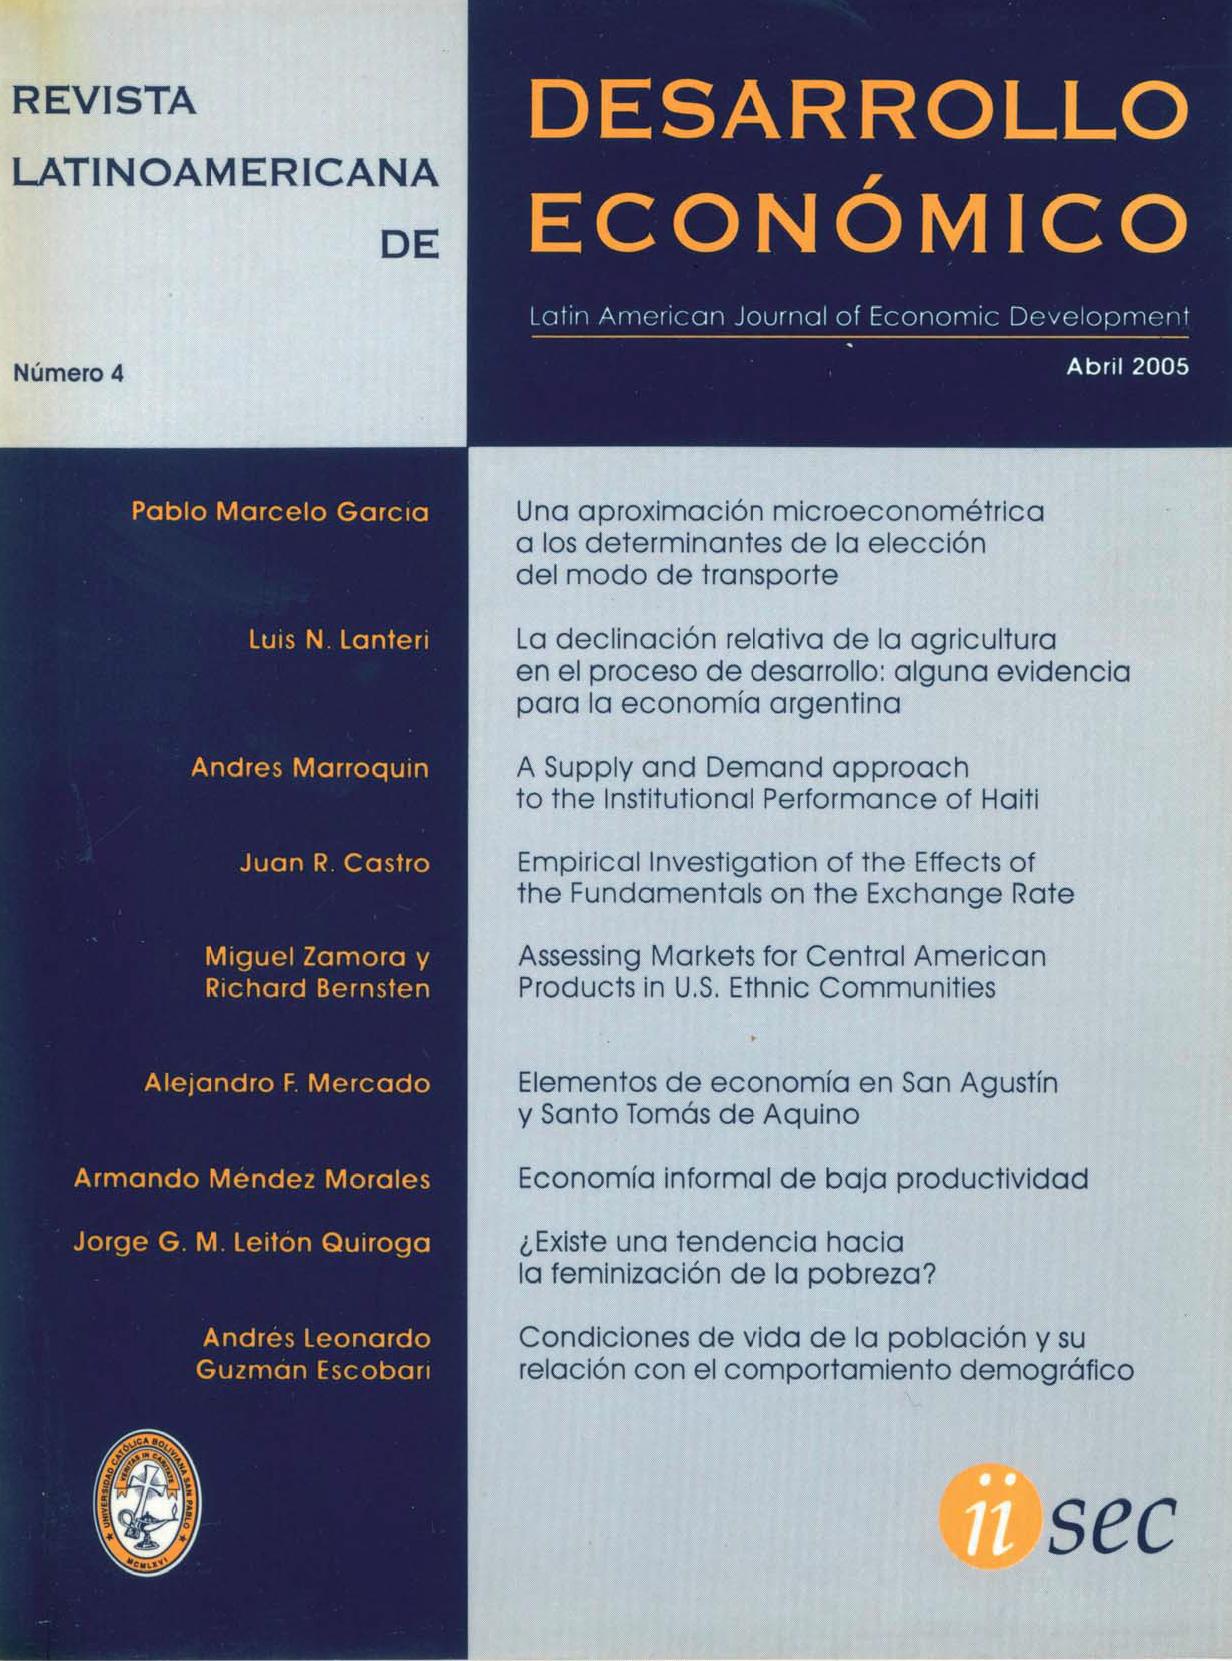 Revista Latinoamericana de Desarrollo Económico No. 4